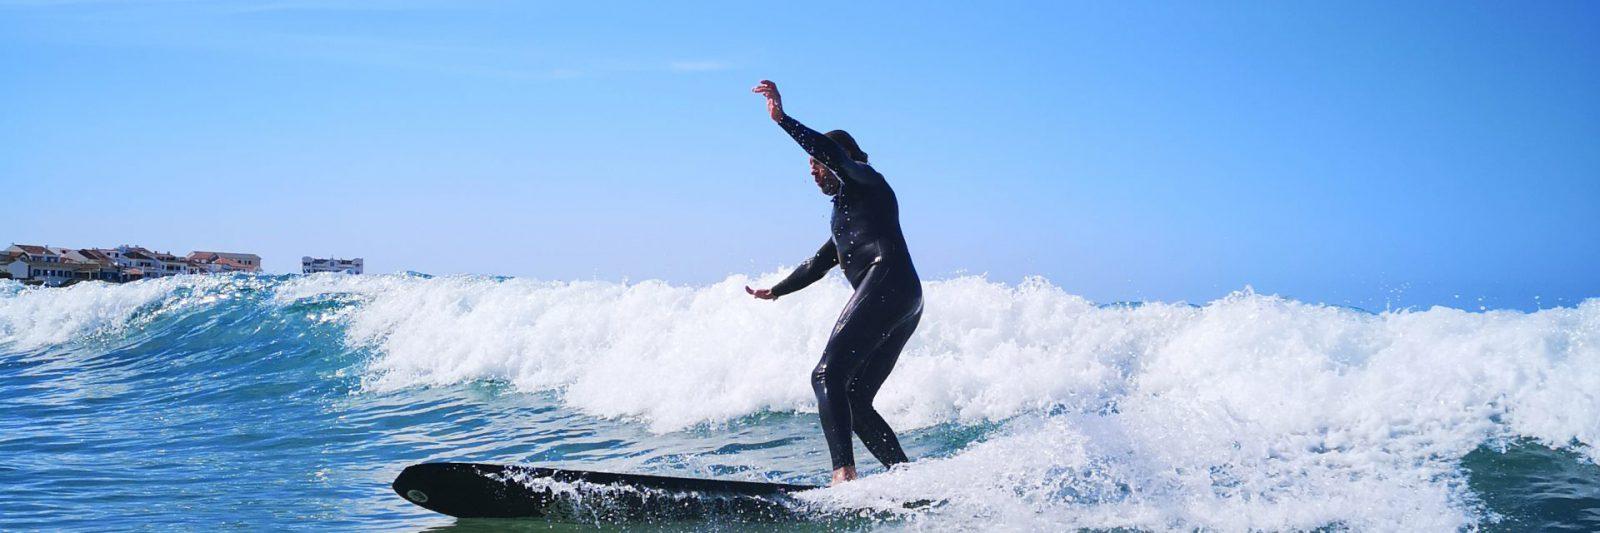 longboard singlefin surfer